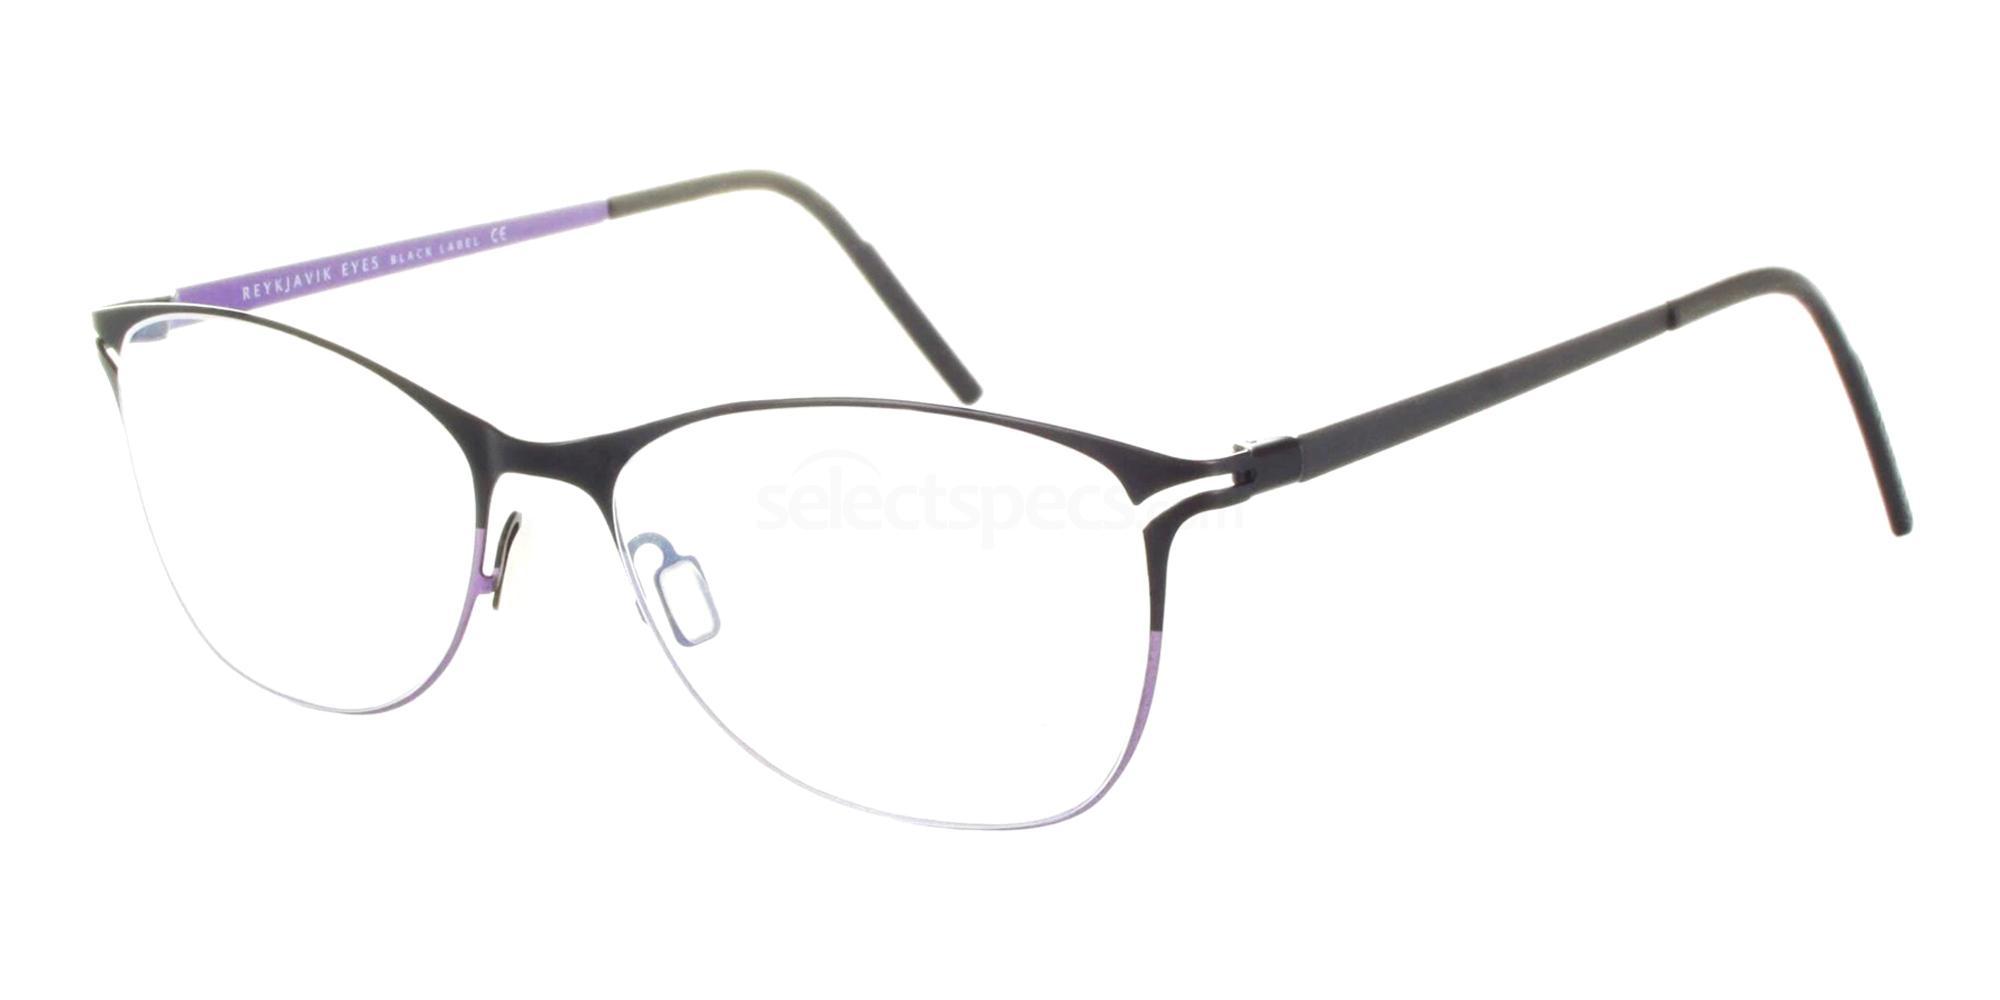 C1 NOTT Glasses, Reykjavik Eyes Black Label